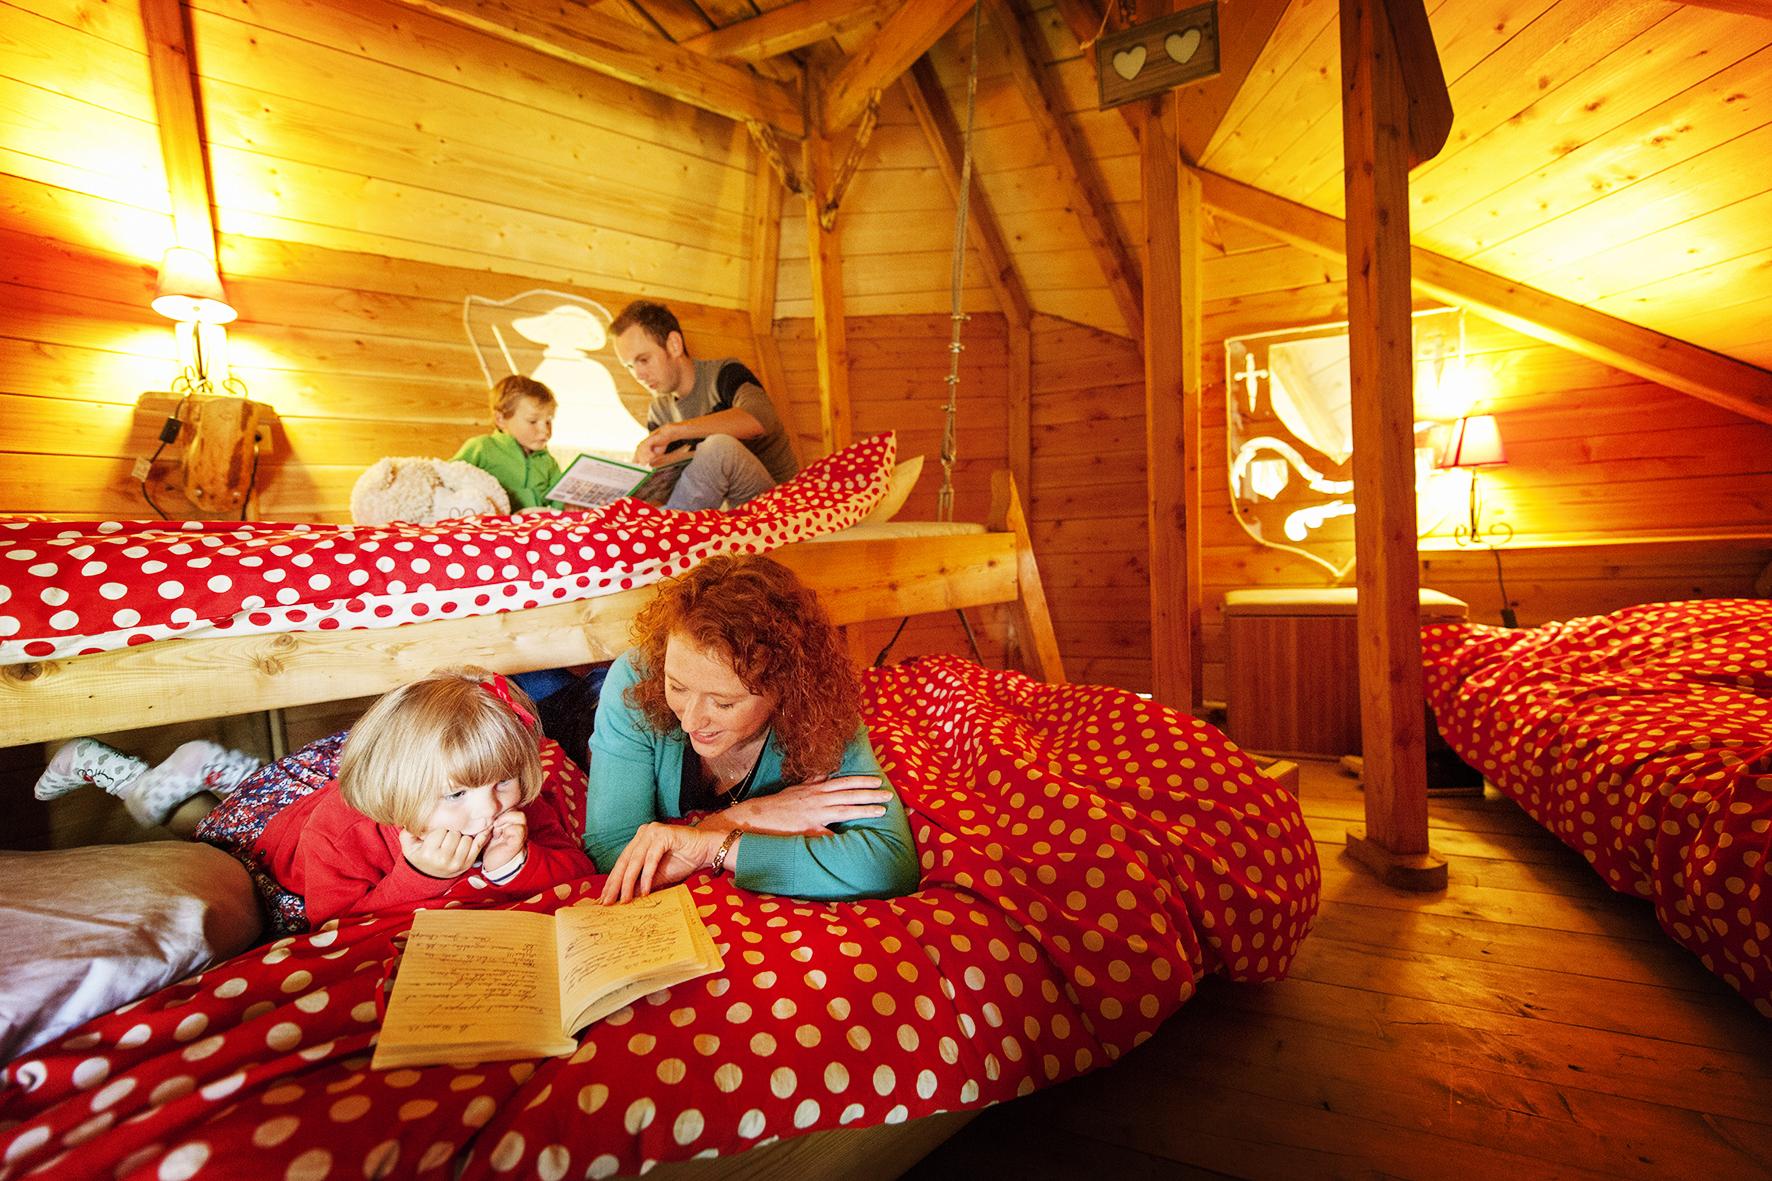 Louer un séjour insolite dans la cabane familiale 5 personnes